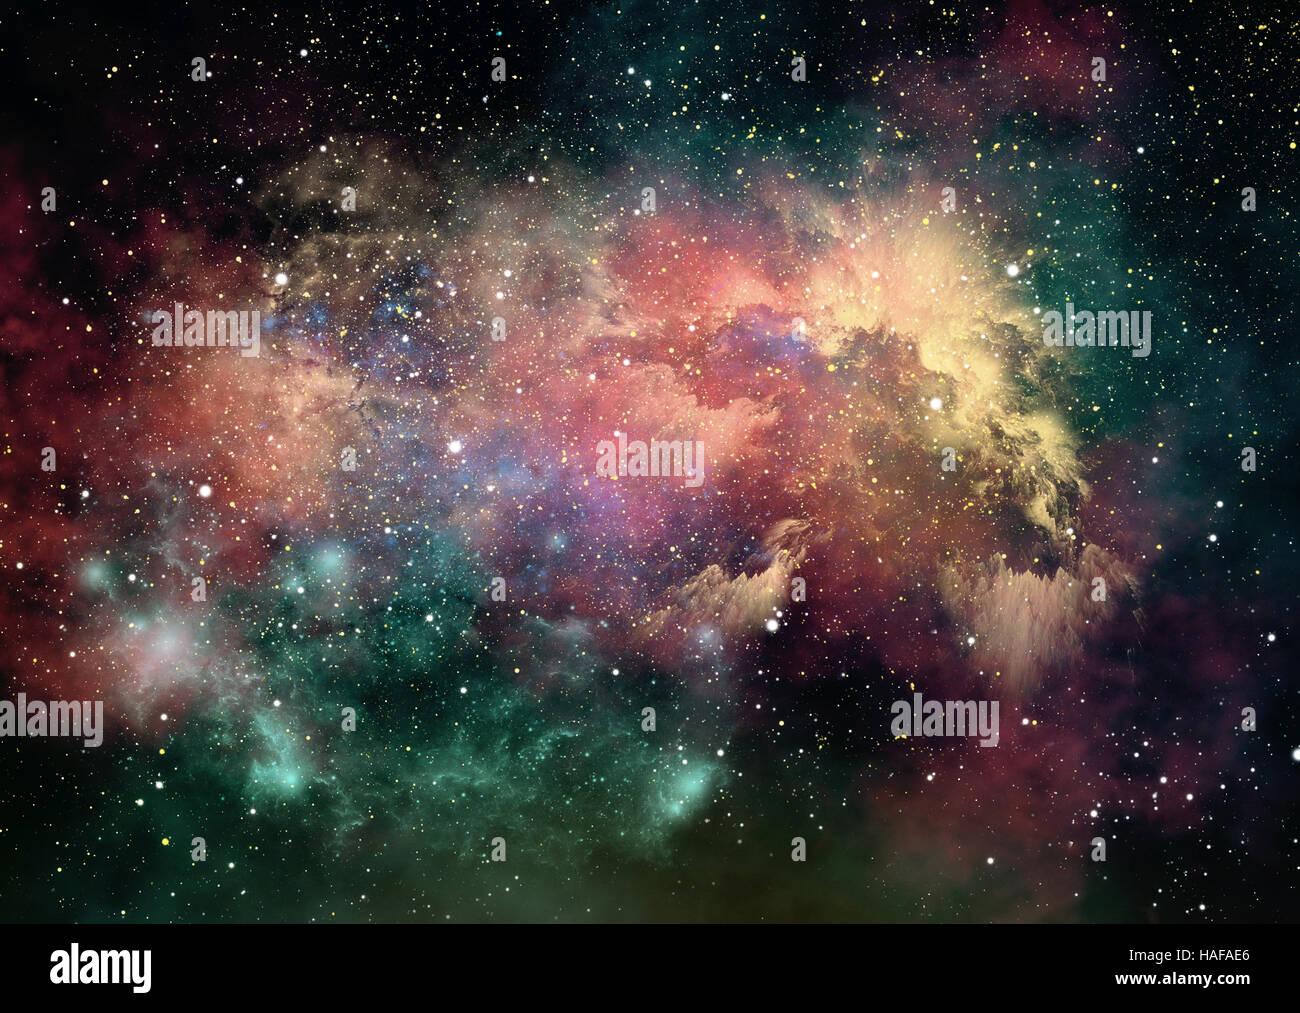 Gráficos 3D por computadora de nebulosas y cielo estrellado en el espacio ultraterrestre Imagen De Stock